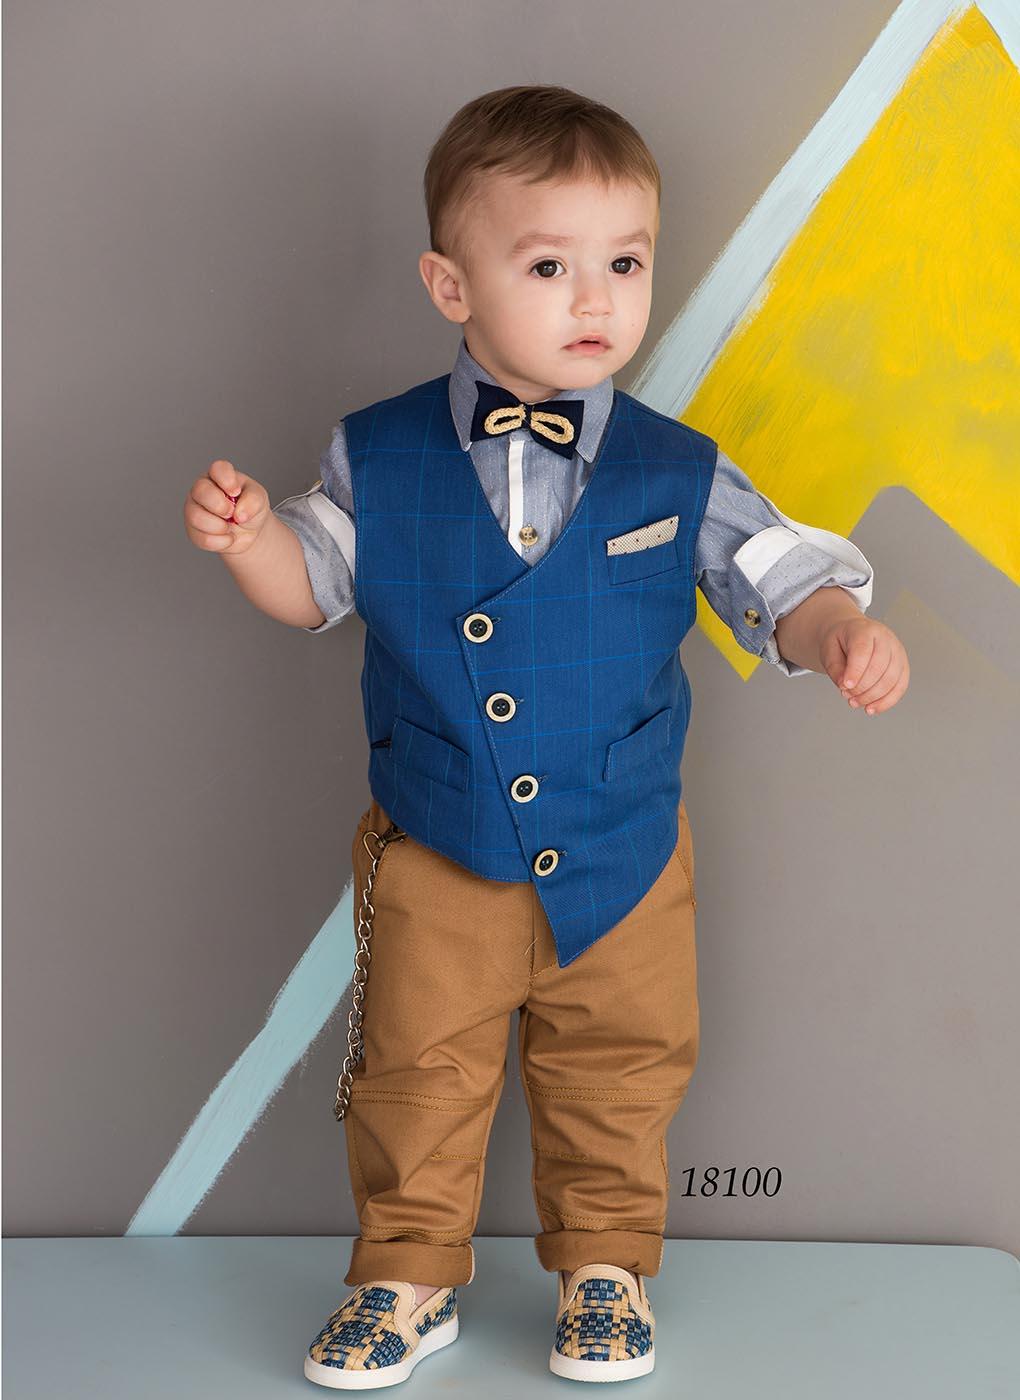 κουστούμι βάπτισης Bonito baby 18100 5e7853207b0